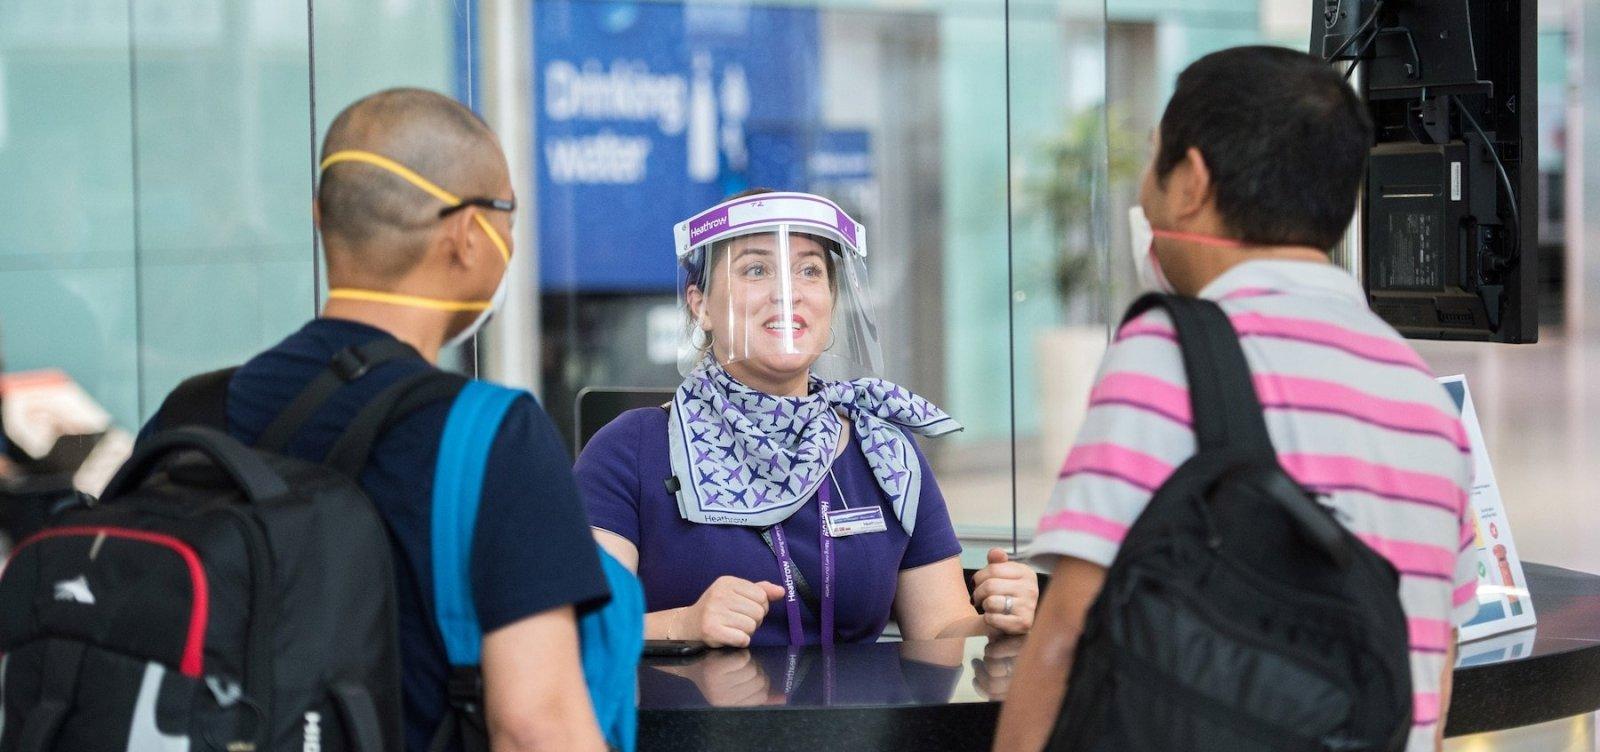 [Anvisa proíbe máscaras de acrílico, bandanas e 'face shield' em aeroportos ]